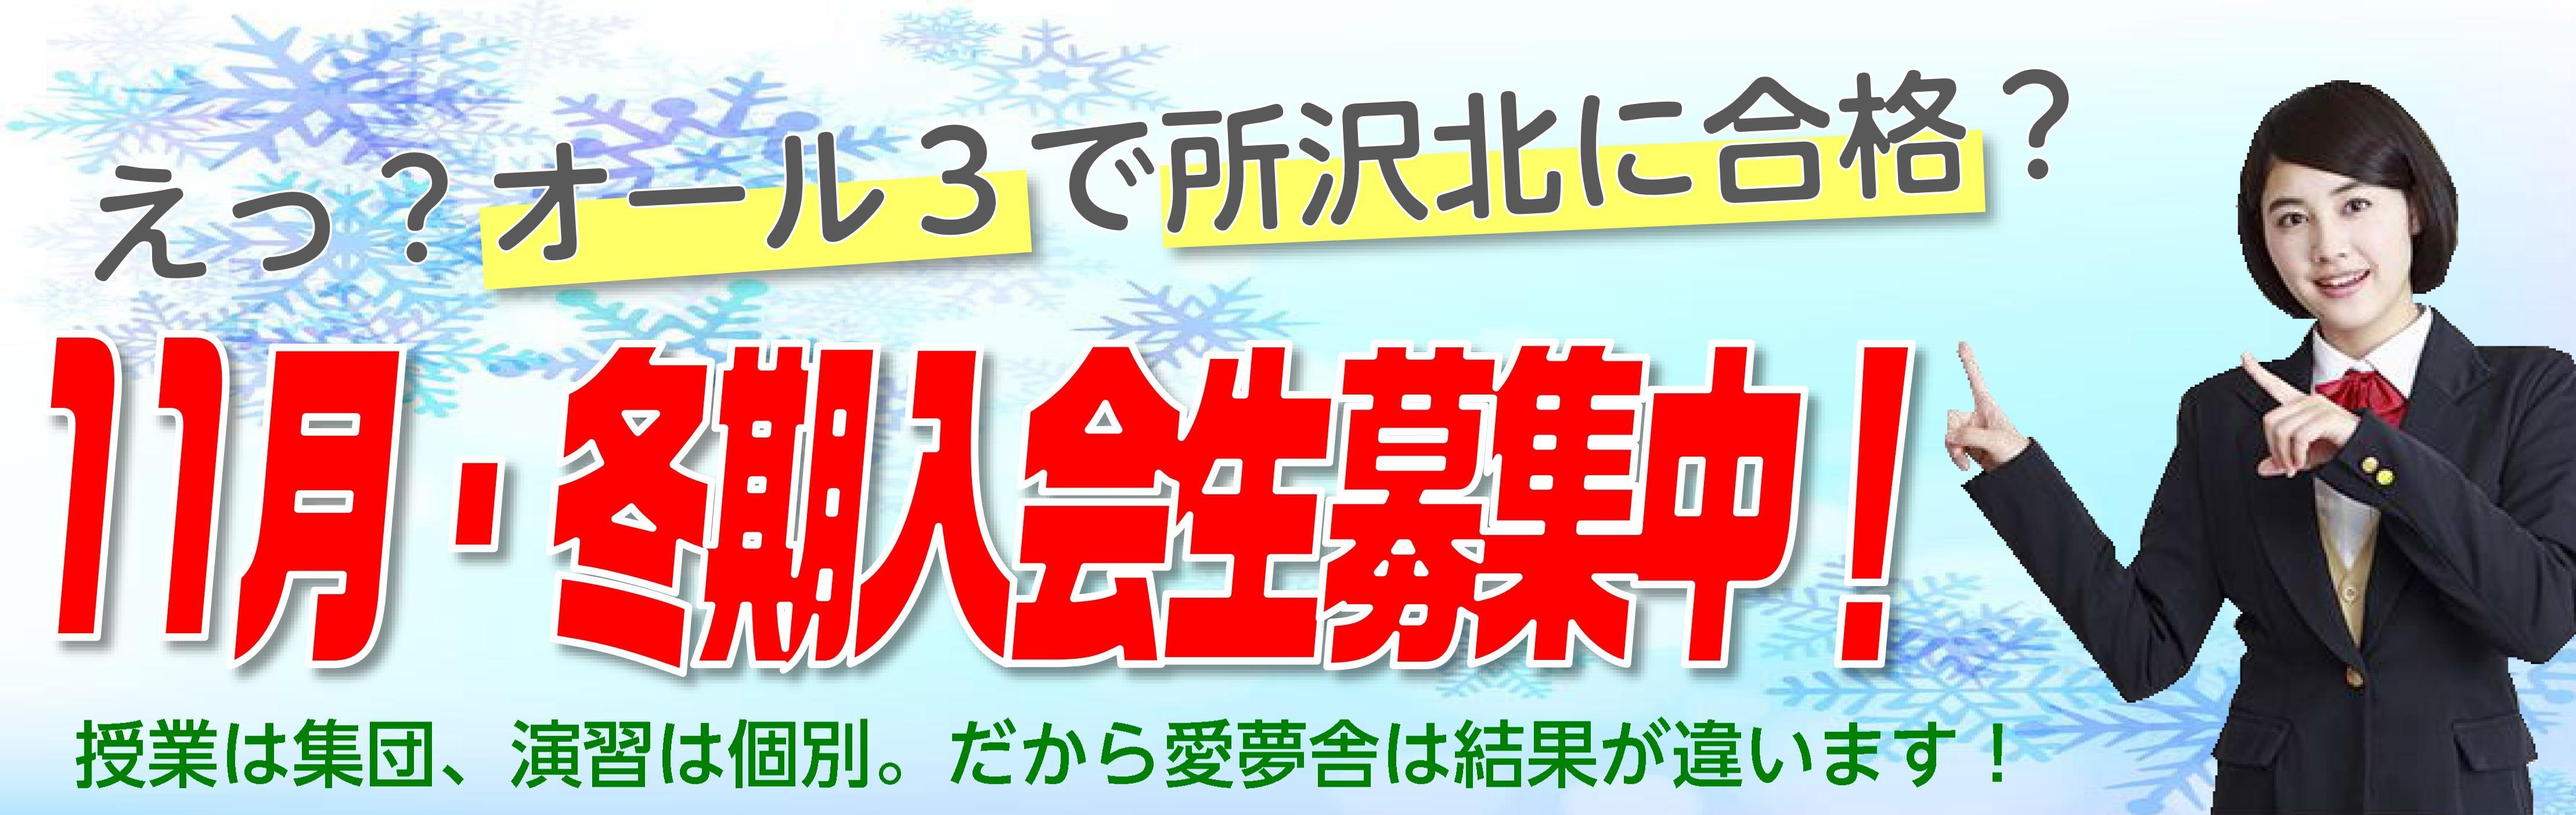 えっ?オール3で所沢北に合格? 11月・冬期講習会入会生募集中!